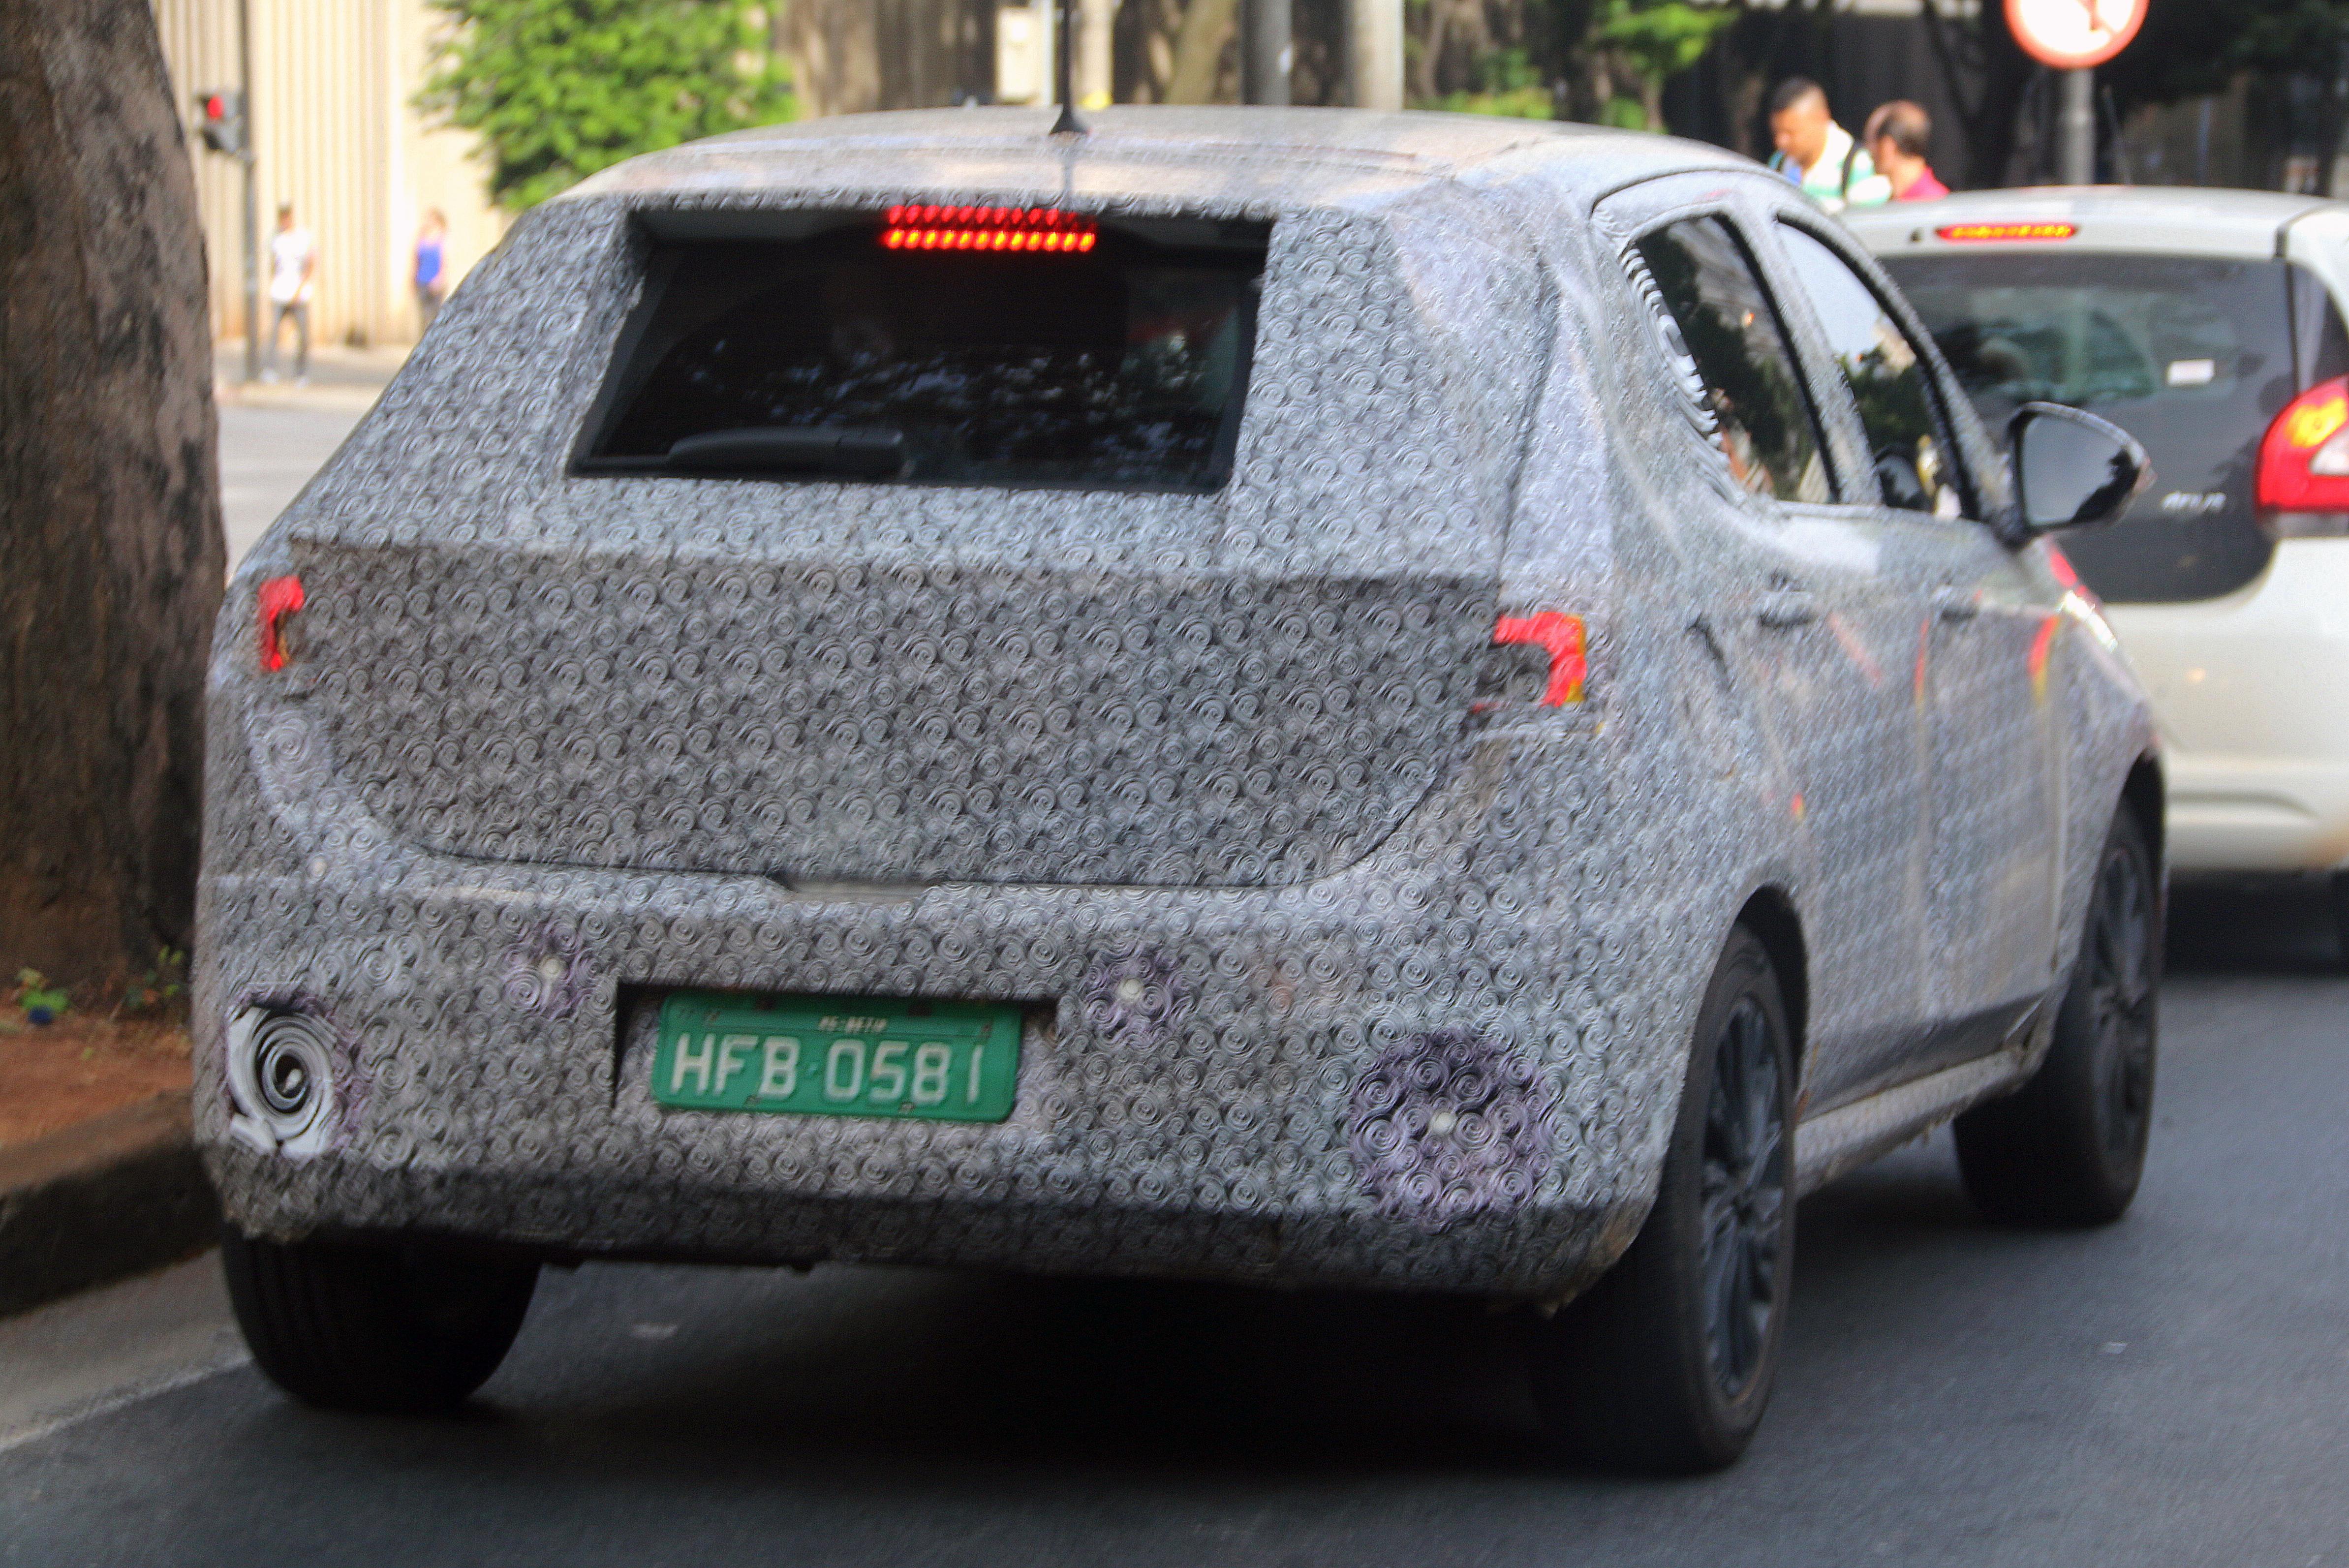 Ao contrário do Tipo, o X6H terá placa no para-choque traseiro